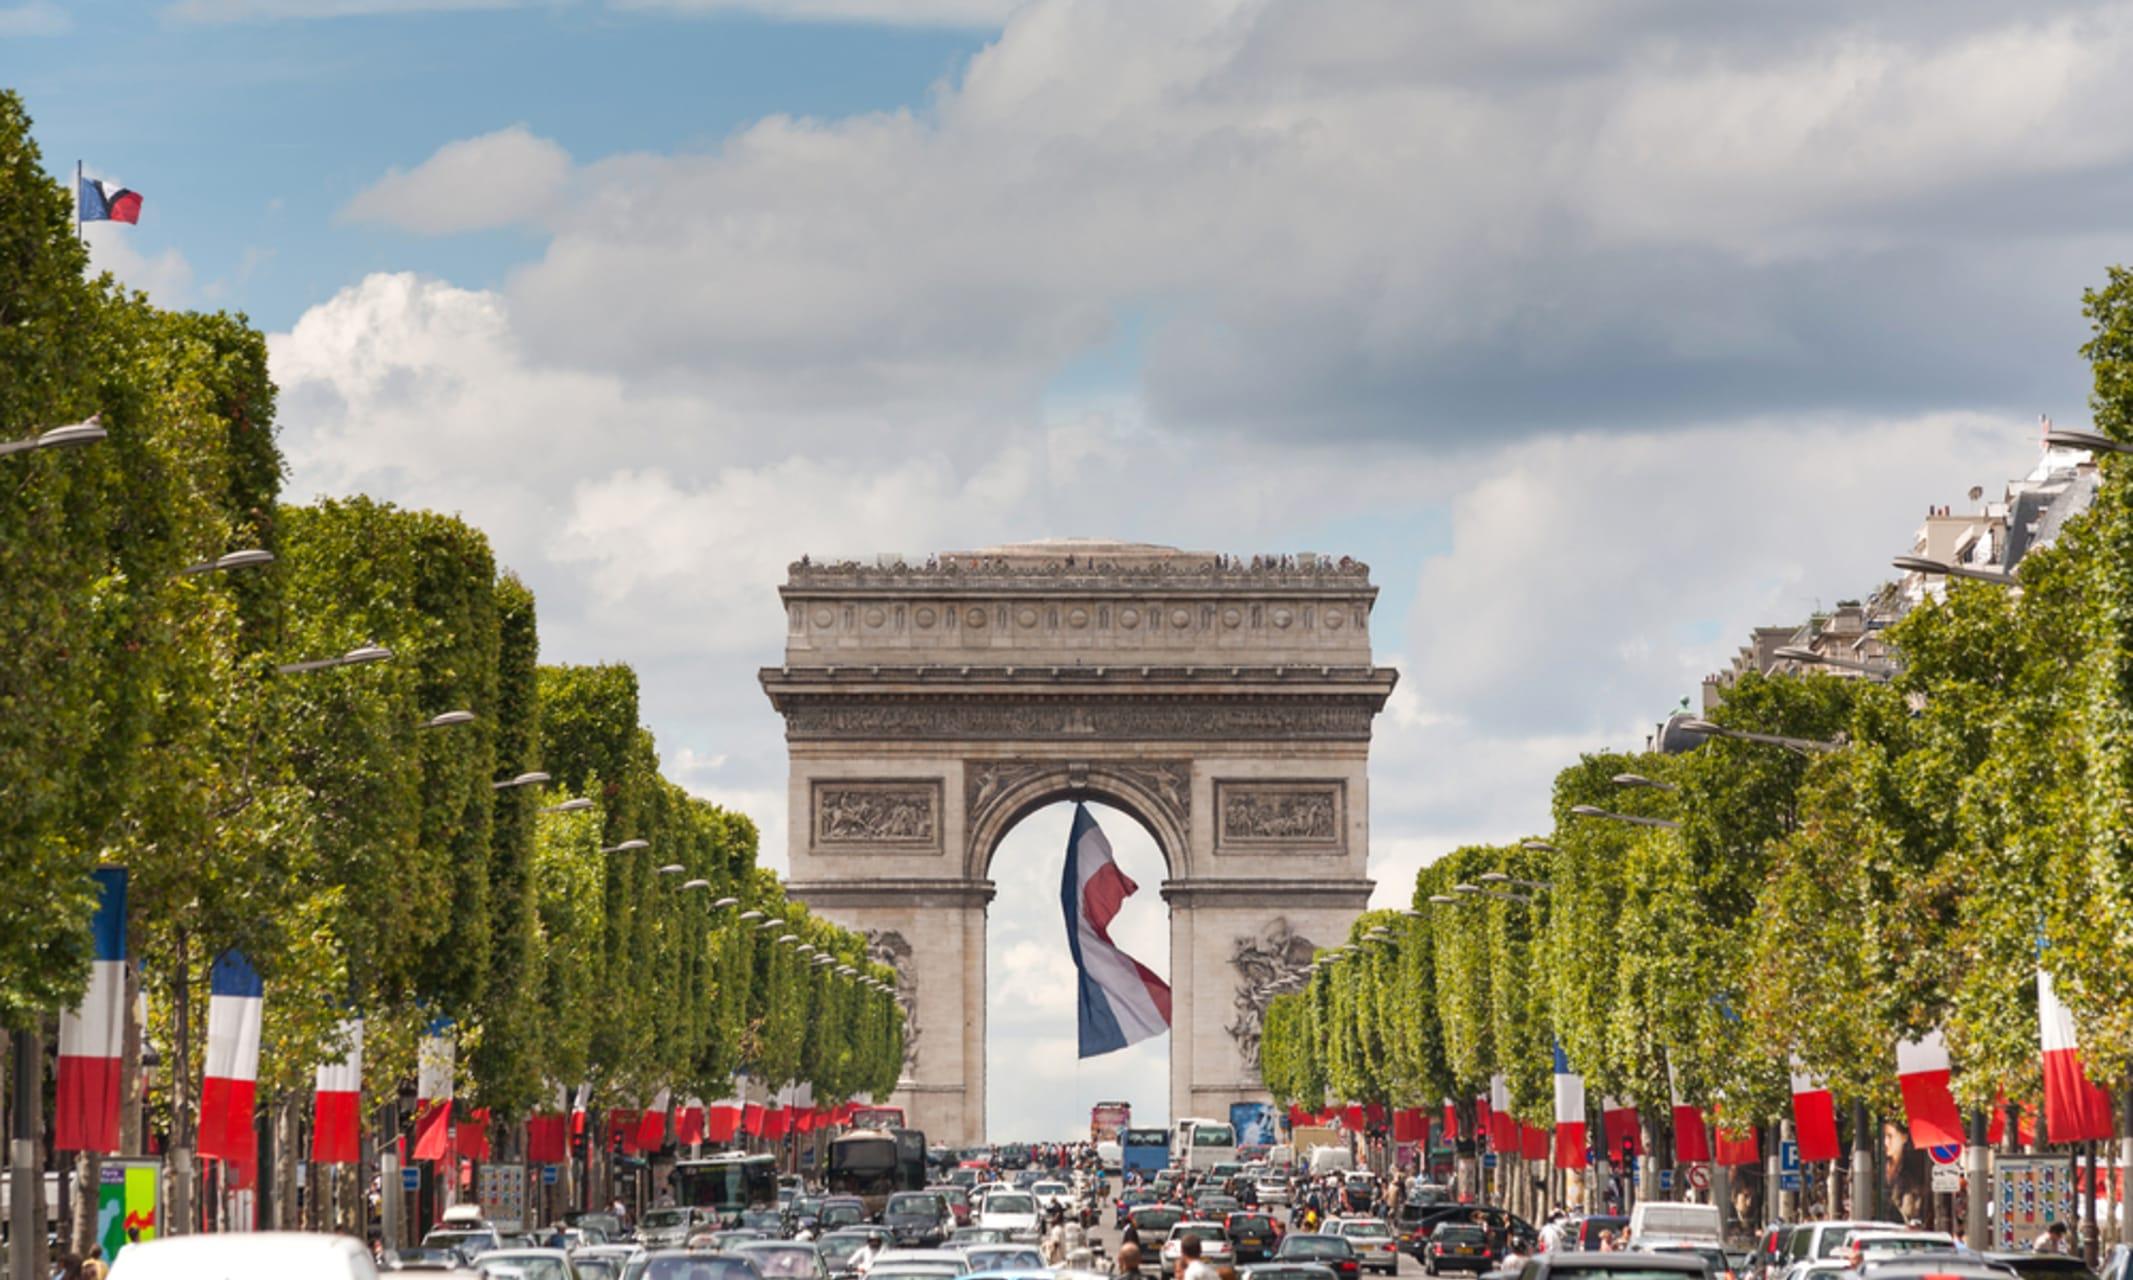 Paris - Champs-Élysées and Arc de Triomphe